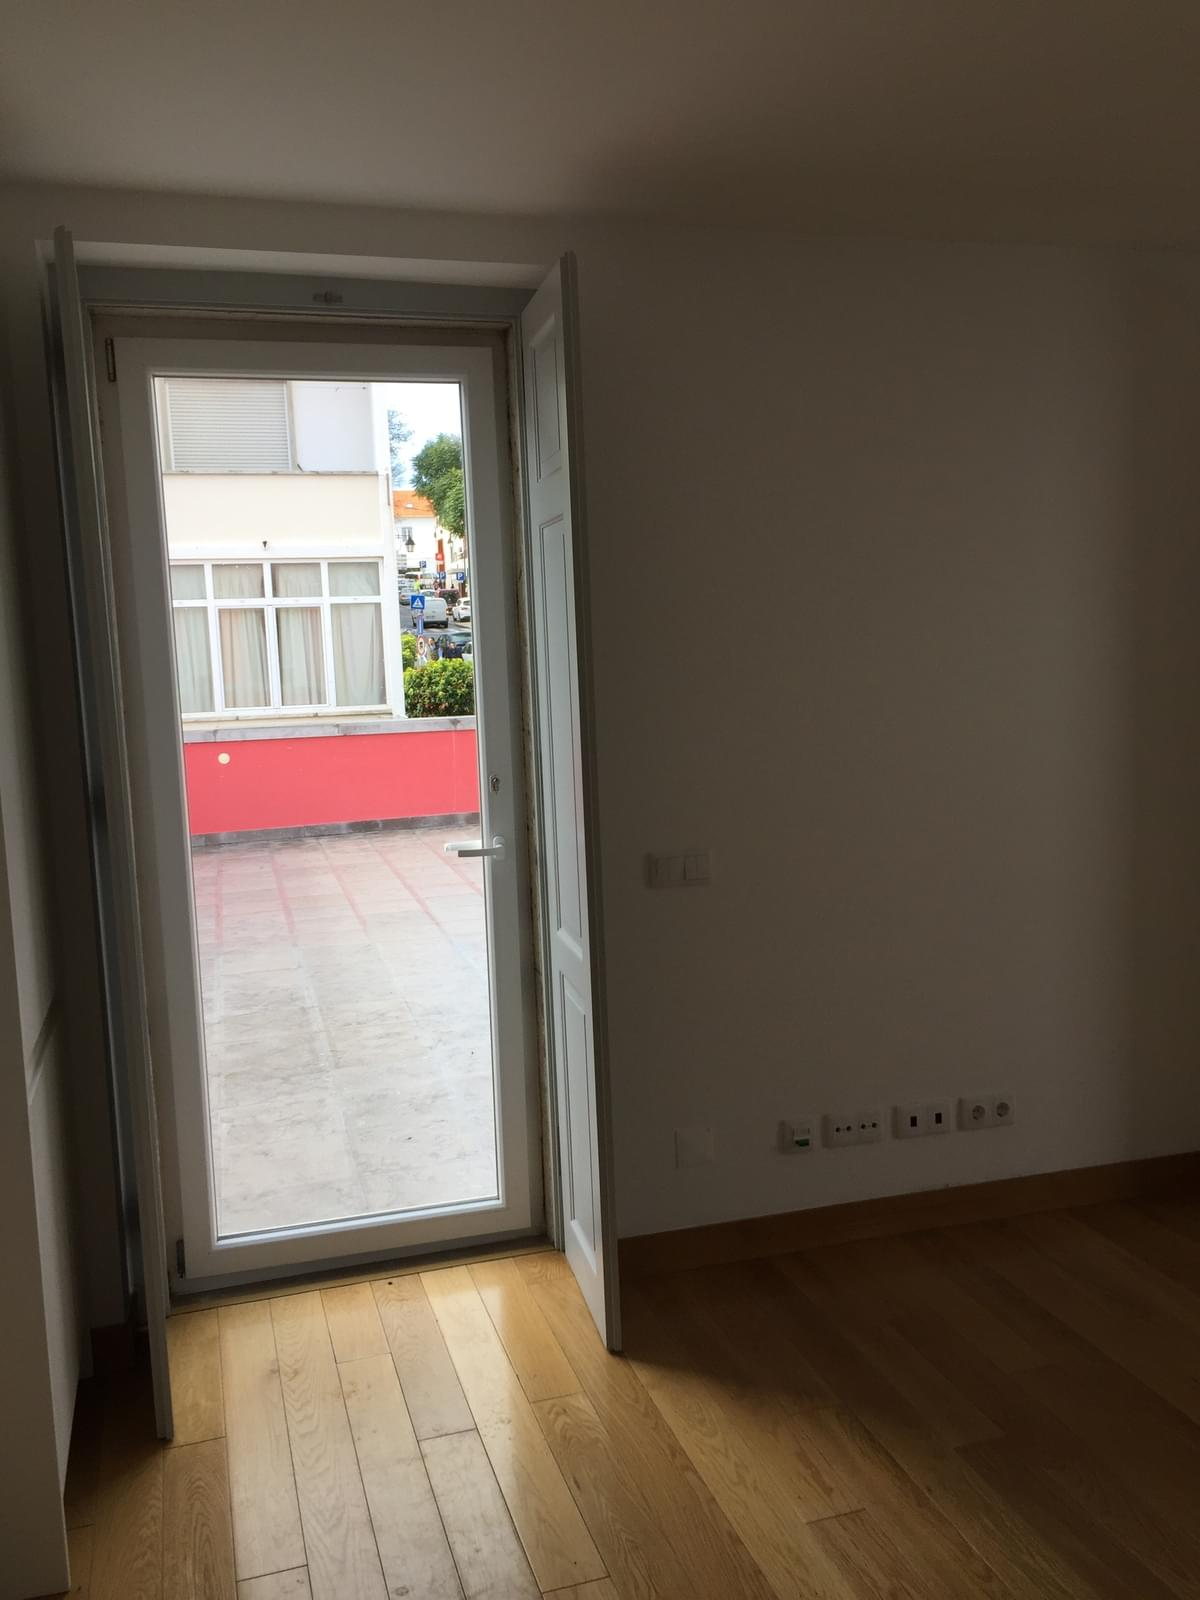 pf19228-apartamento-t1-cascais-0a7284ad-d2d2-4ec6-830e-74bd4d42520c